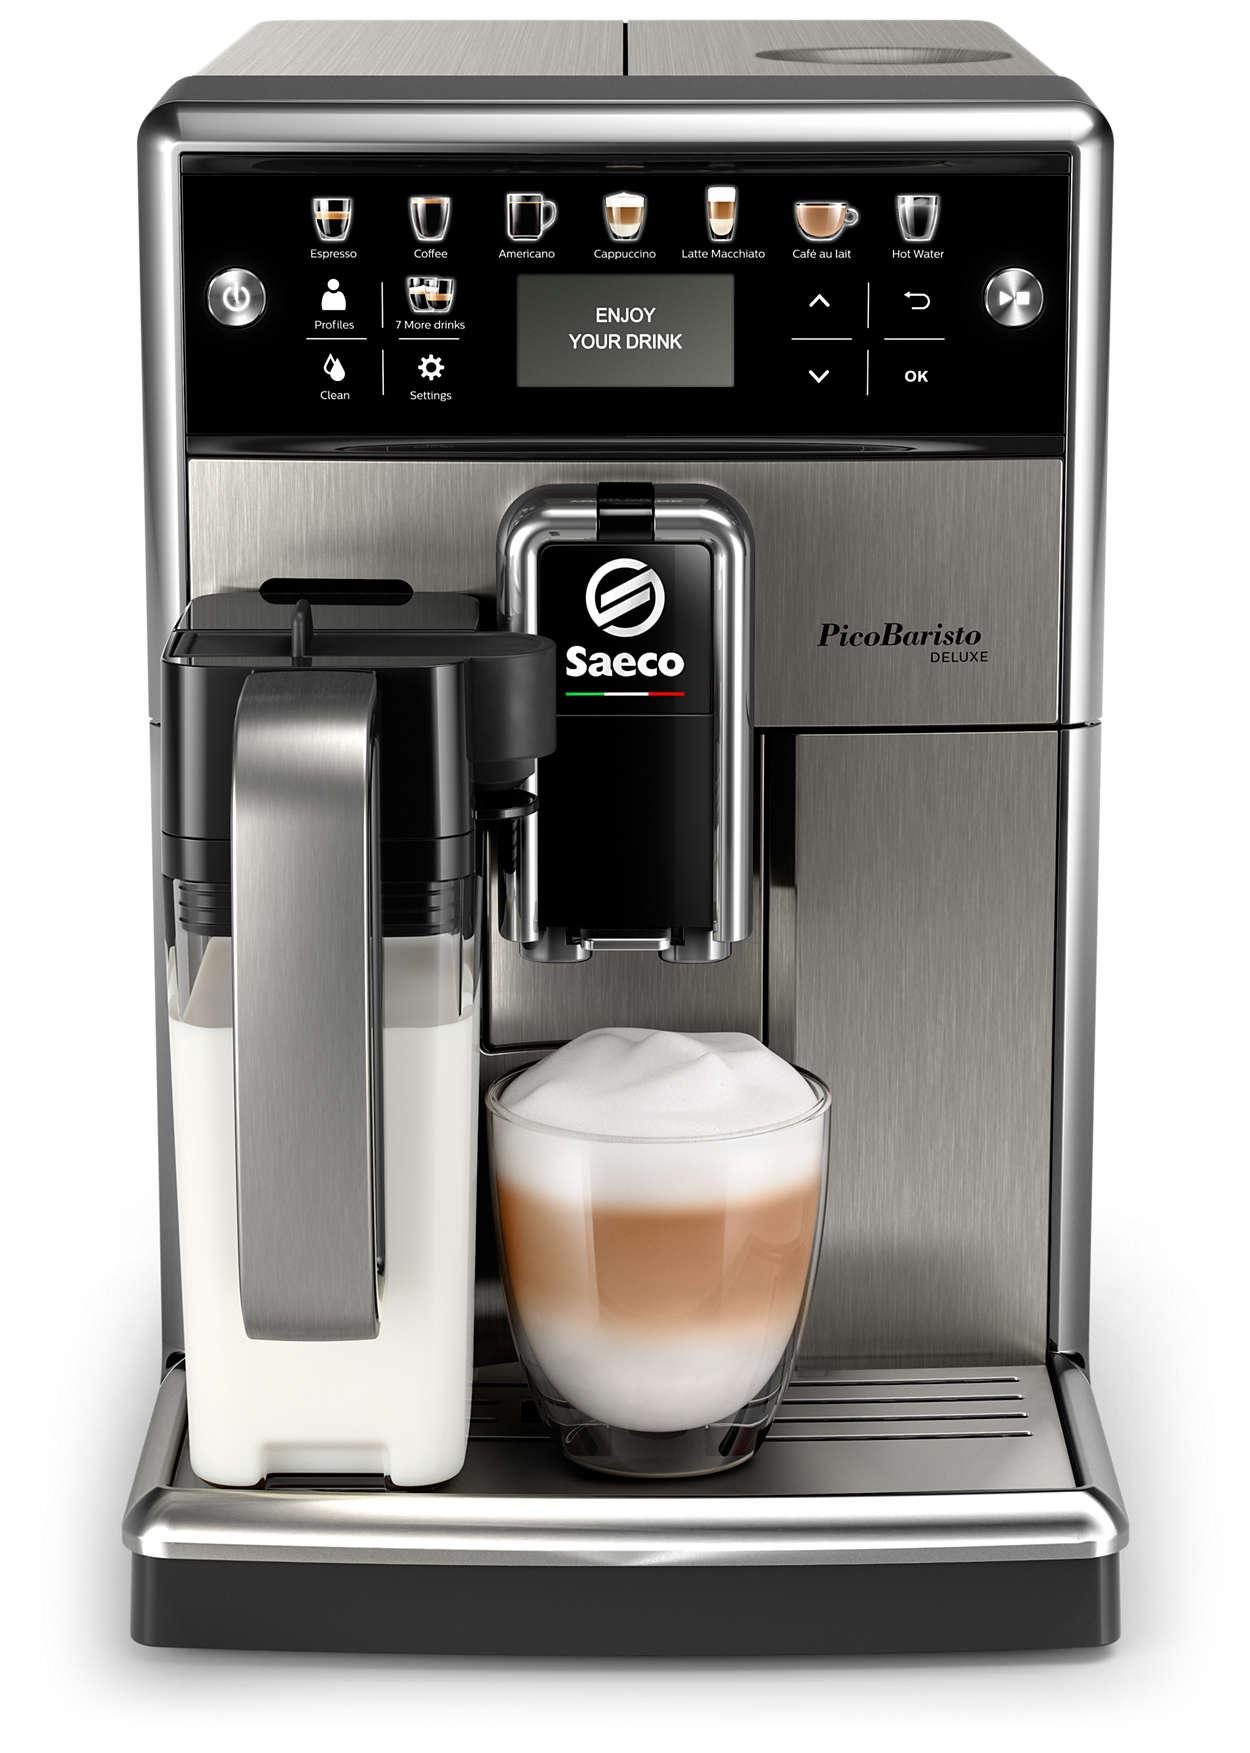 Premium Kaffee, ganz genau nach Ihrem Geschmack